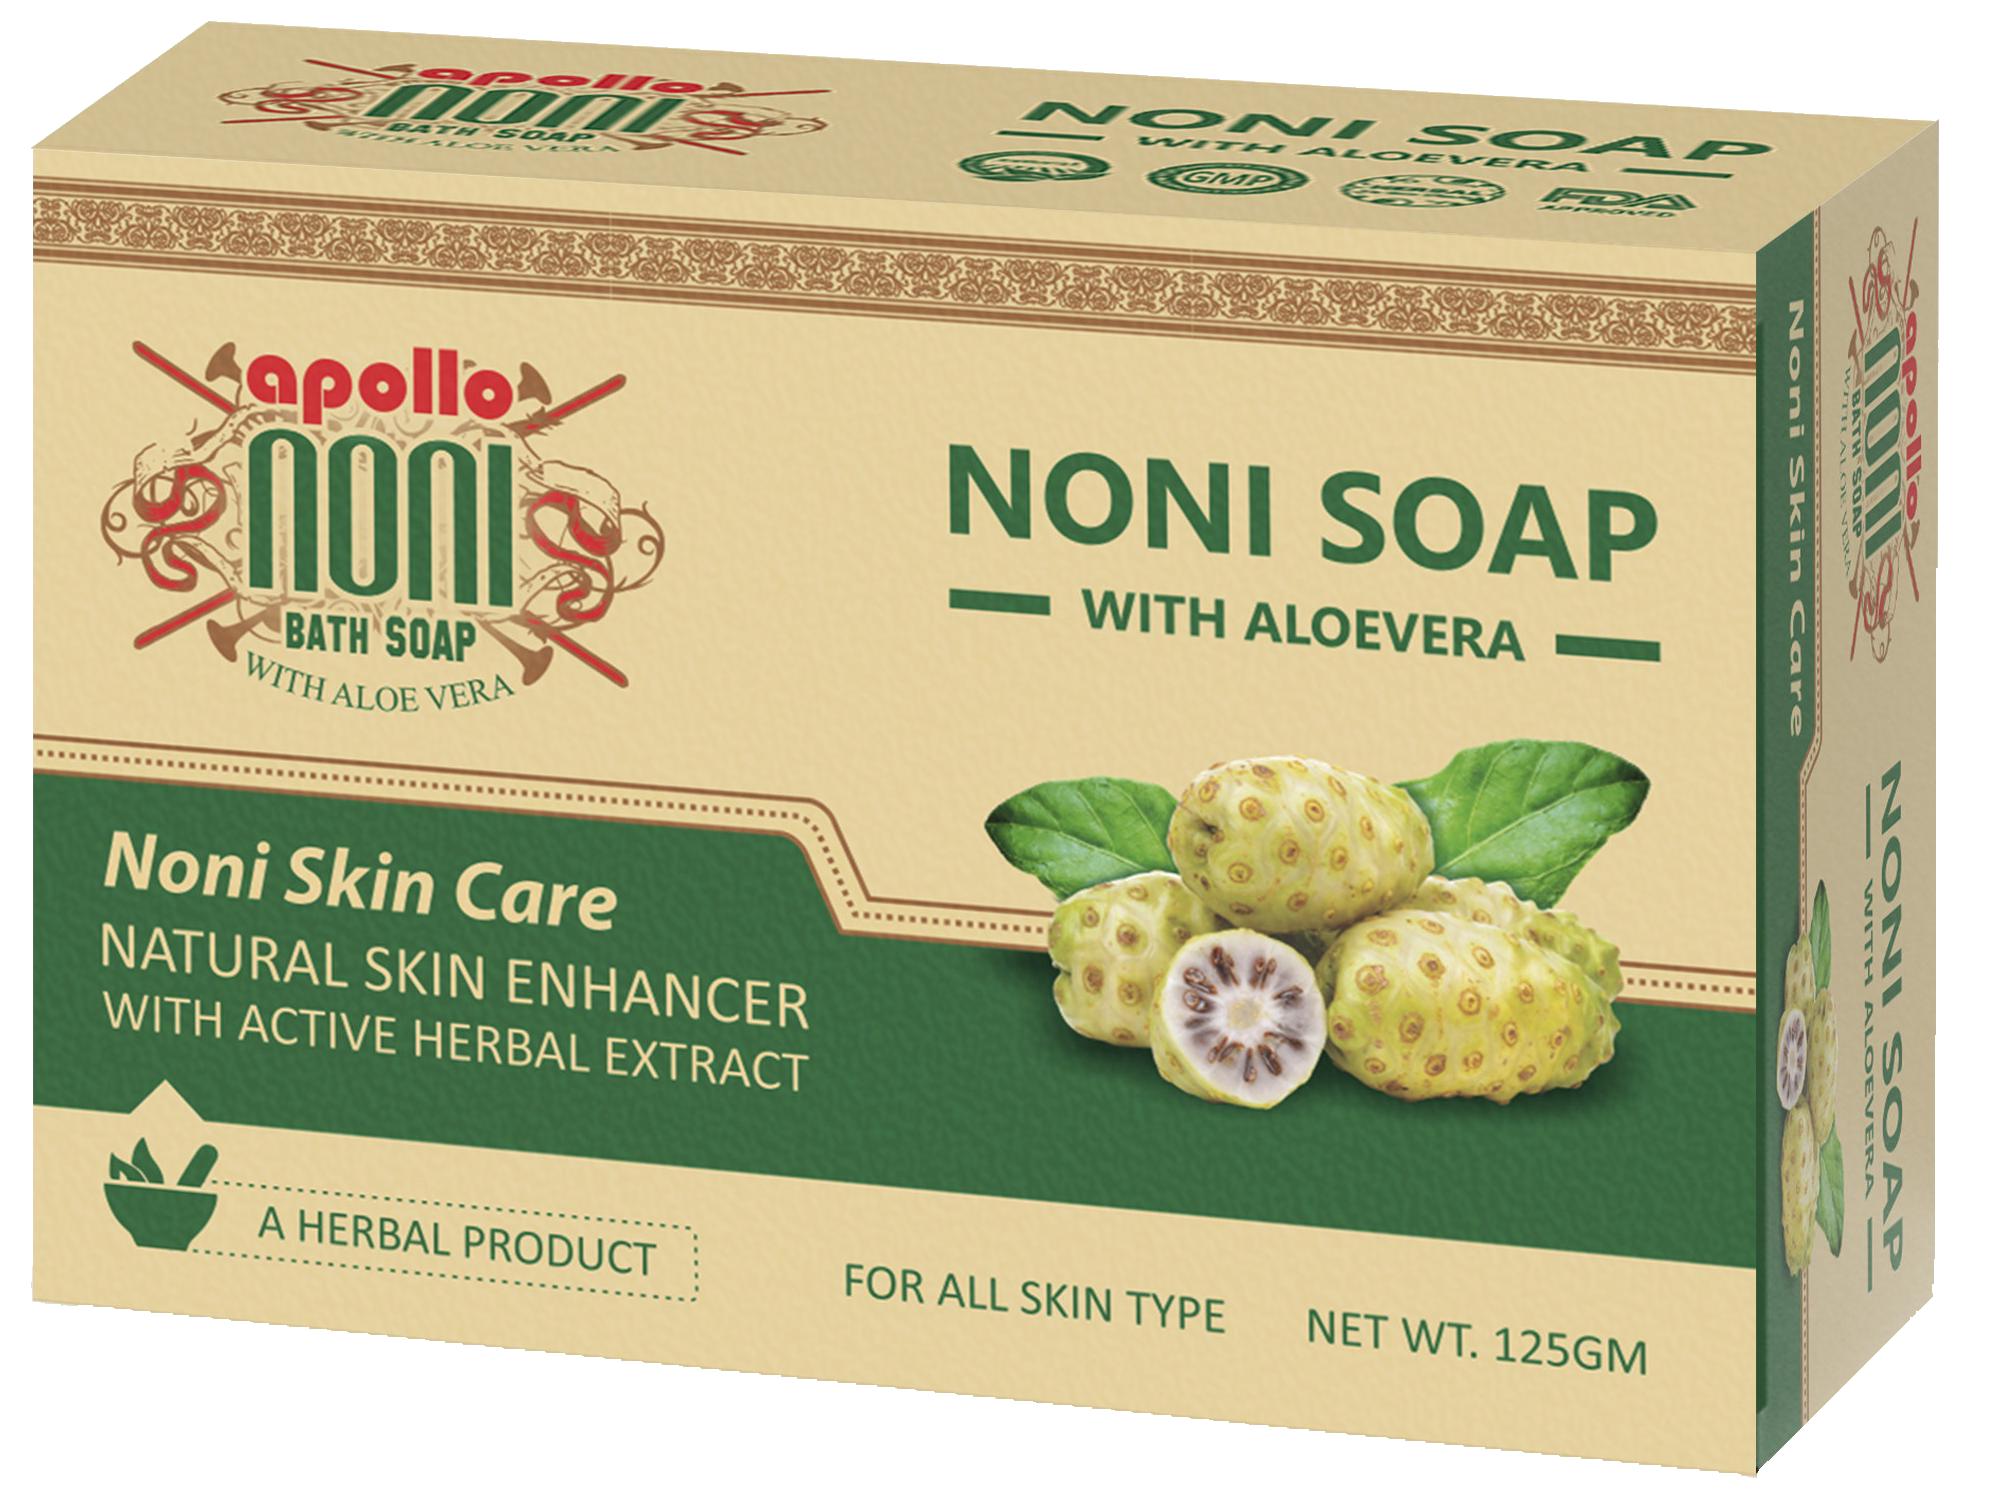 Organic Apollo Noni Herbal Hand Made Soap